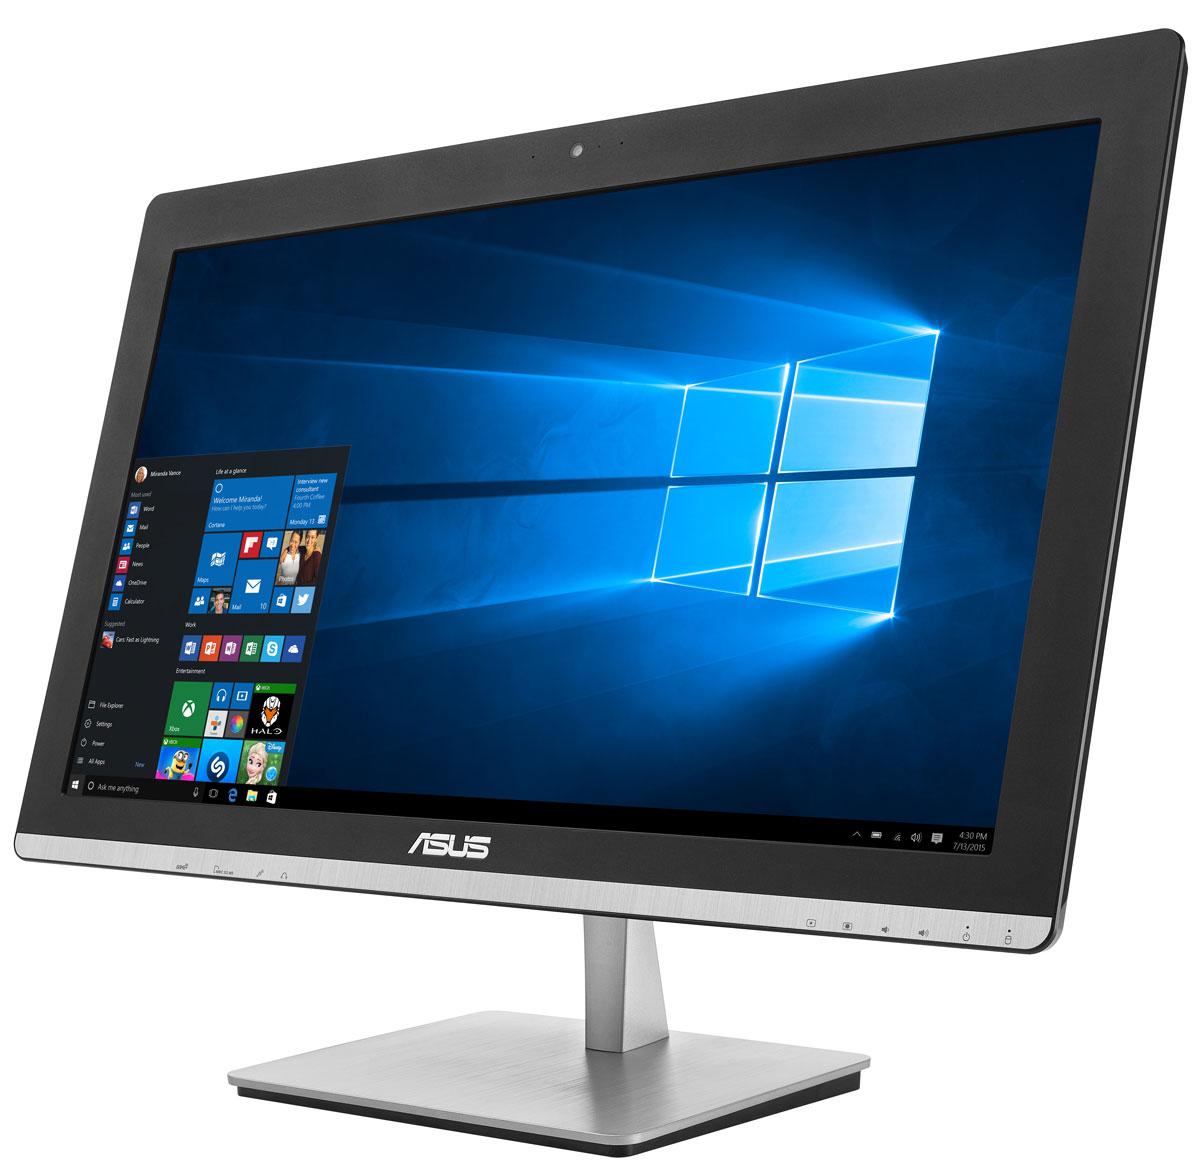 ASUS Vivo AiO V230ICUK-BC354X, Black моноблокV230ICUK-BC354XВ тонком и компактном корпусе моноблока ASUS Vivo AiO V230IC разместились все компоненты современного компьютера - дисплей, процессор, видеокарта, память, диск и многое другое. Этот новый моноблочный ПК, получивший новейший процессор и мощную графическую систему, оснащается стильной металлической подставкой. Современный моноблок серии Vivo AiO - это компактное устройство с полным набором возможностей настольного компьютера. Благодаря тонкому корпусу он не занимает много места на столе, способствуя созданию уютной обстановки в помещении. Стильная серебристая подставка, используемая в моноблоке V230IC, придает ему дополнительную изящность. Уникальный шарнирный механизм спрятан под задней панелью, что делает внешний вид устройства еще более утонченным и органичным. Новейший процессор Intel сделает комфортной работу с несколькими одновременно запущенными программами, а технология Intel Turbo Boost 2.0 придает ему дополнительную скорость в...